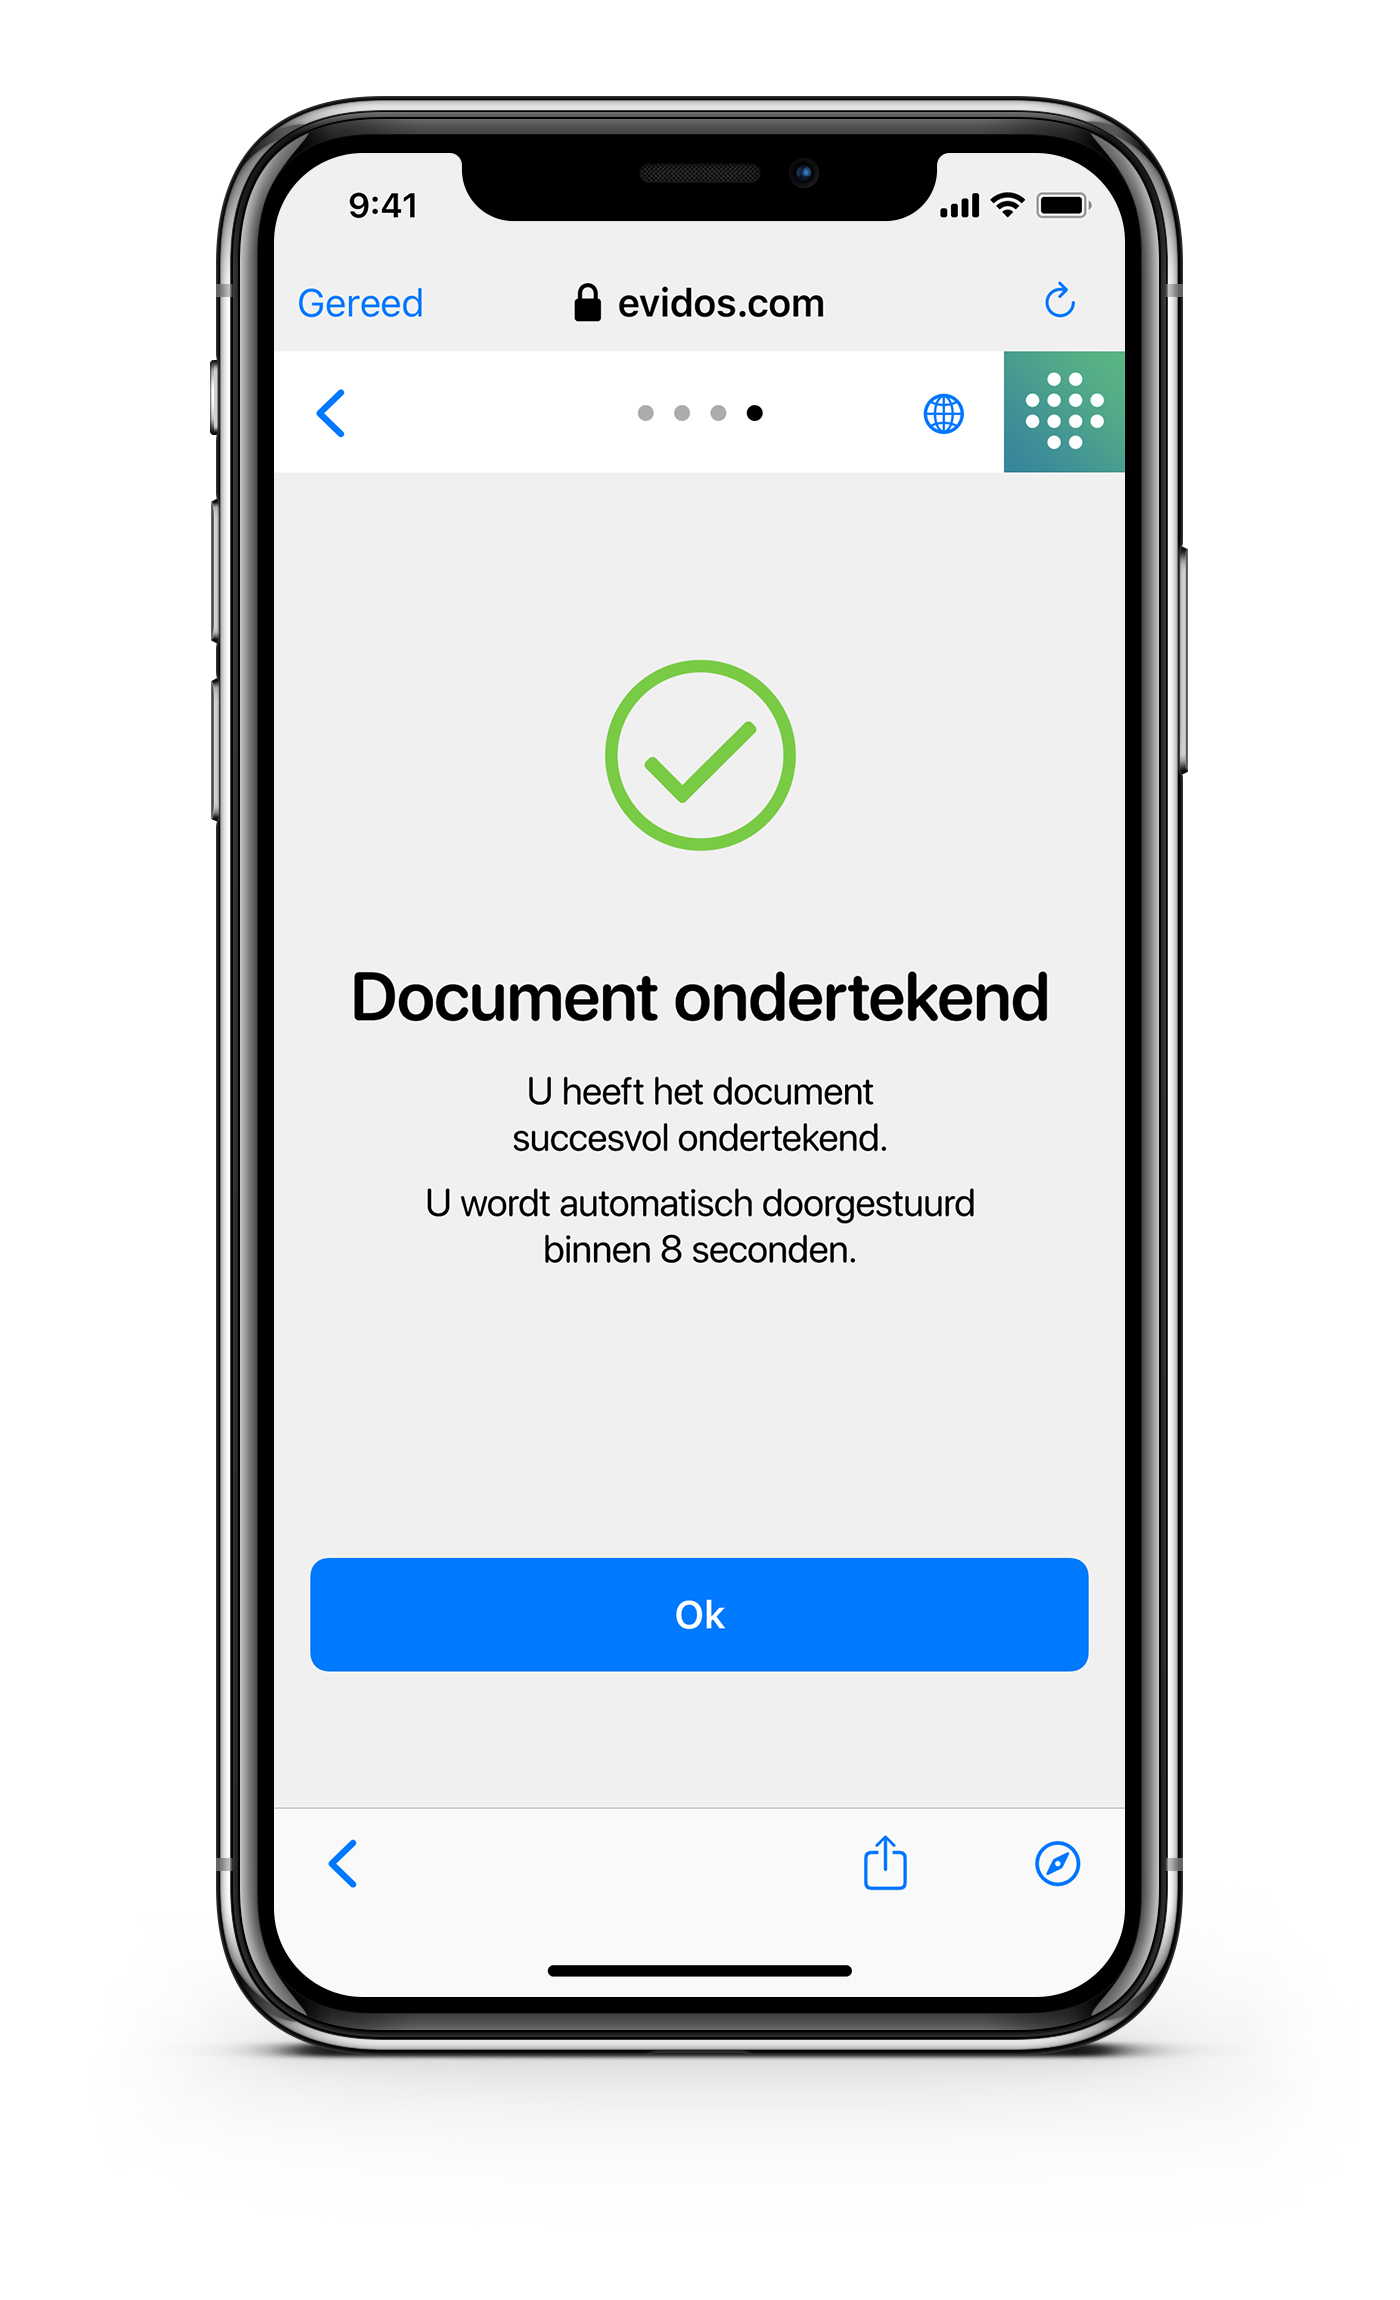 Ondertekenen - NL - Document ondertekend